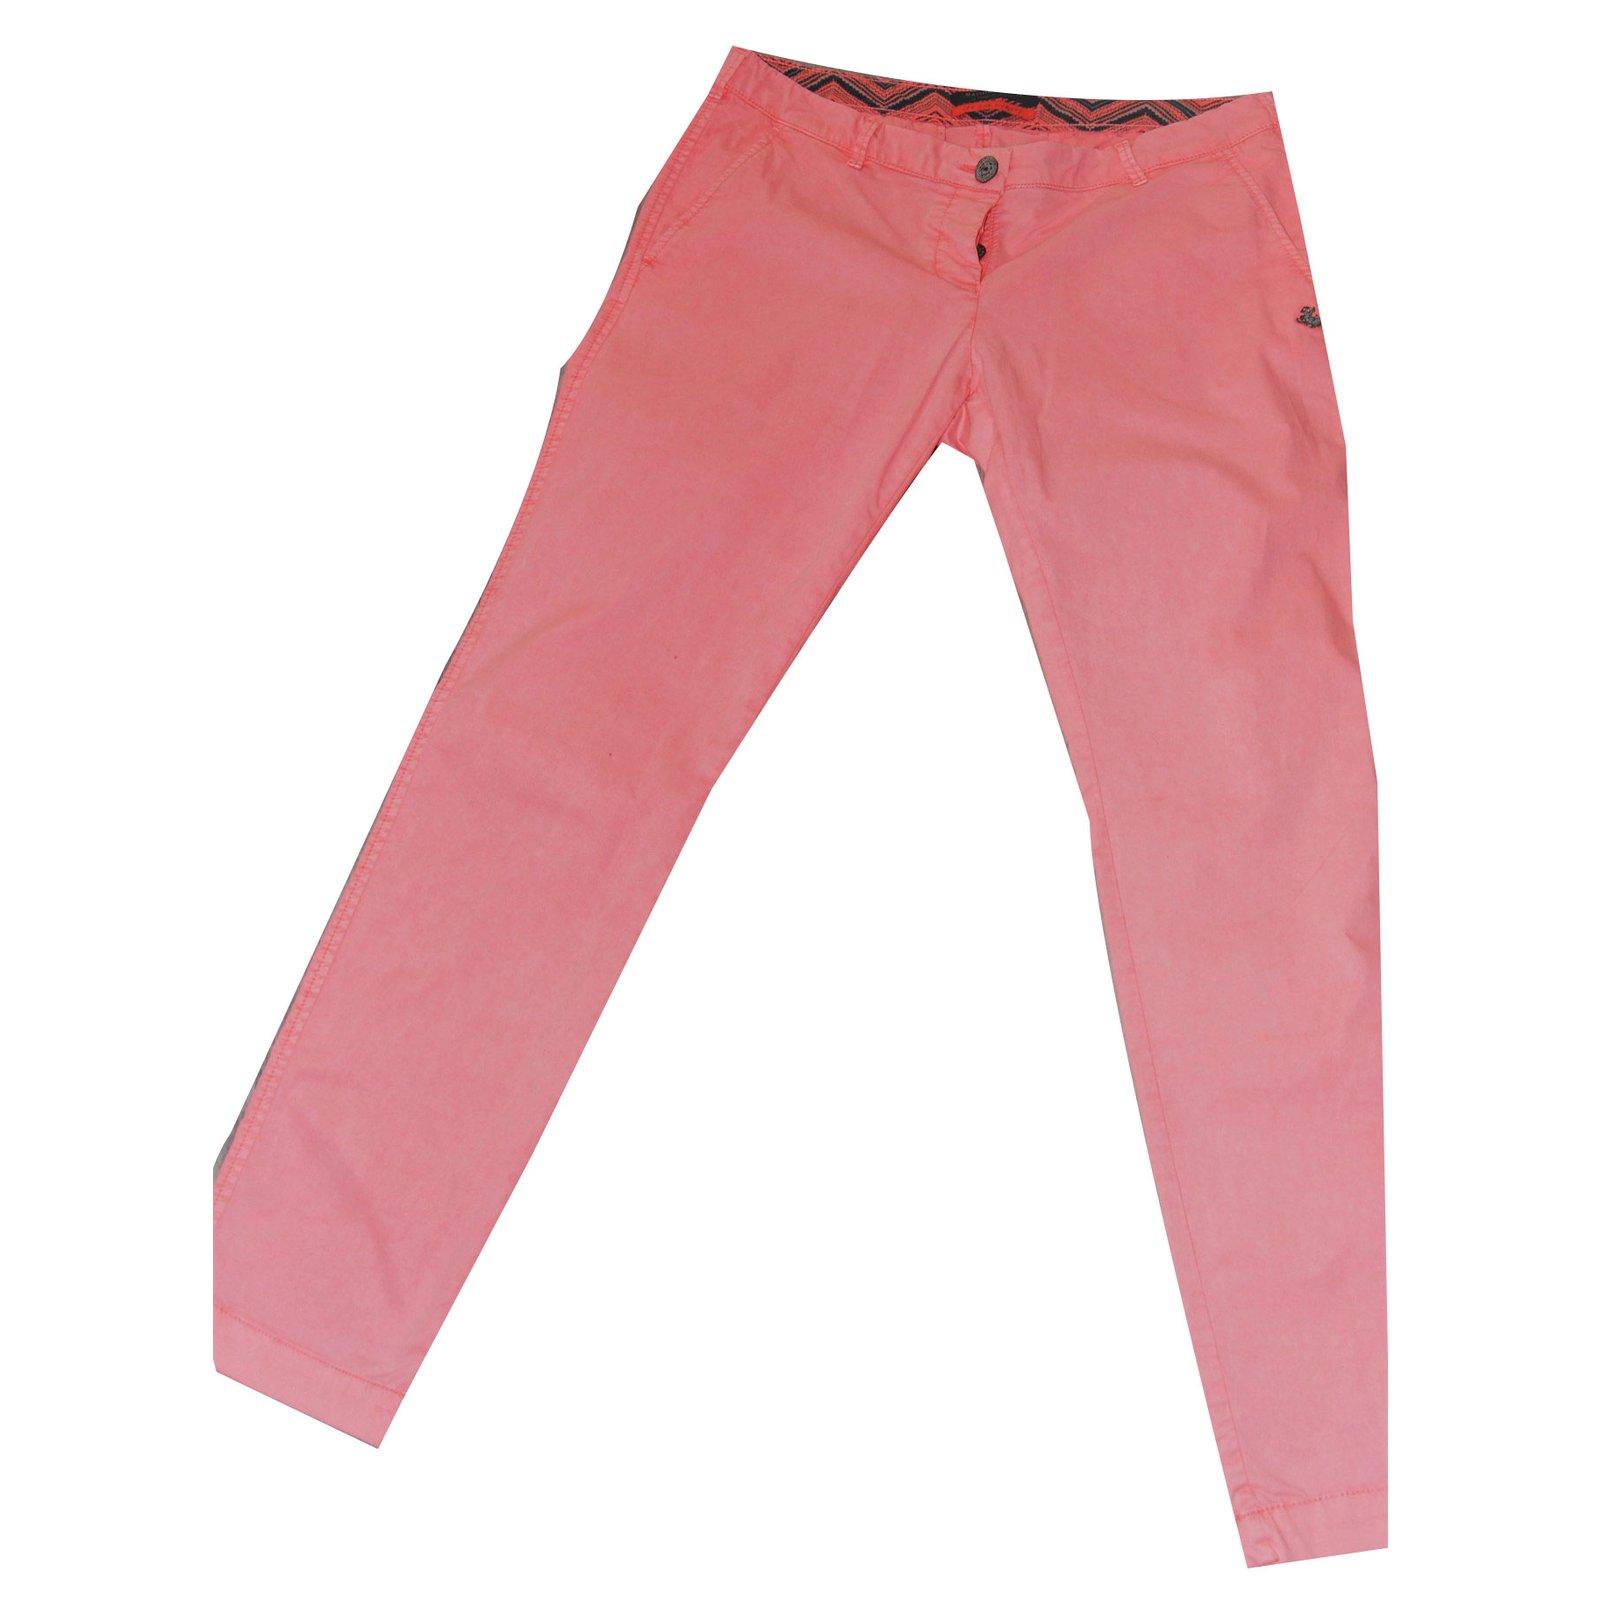 texture nette chaussures classiques rechercher le meilleur Pantalons Maison Scotch Pantalons Coton Rose,Orange,Corail ...